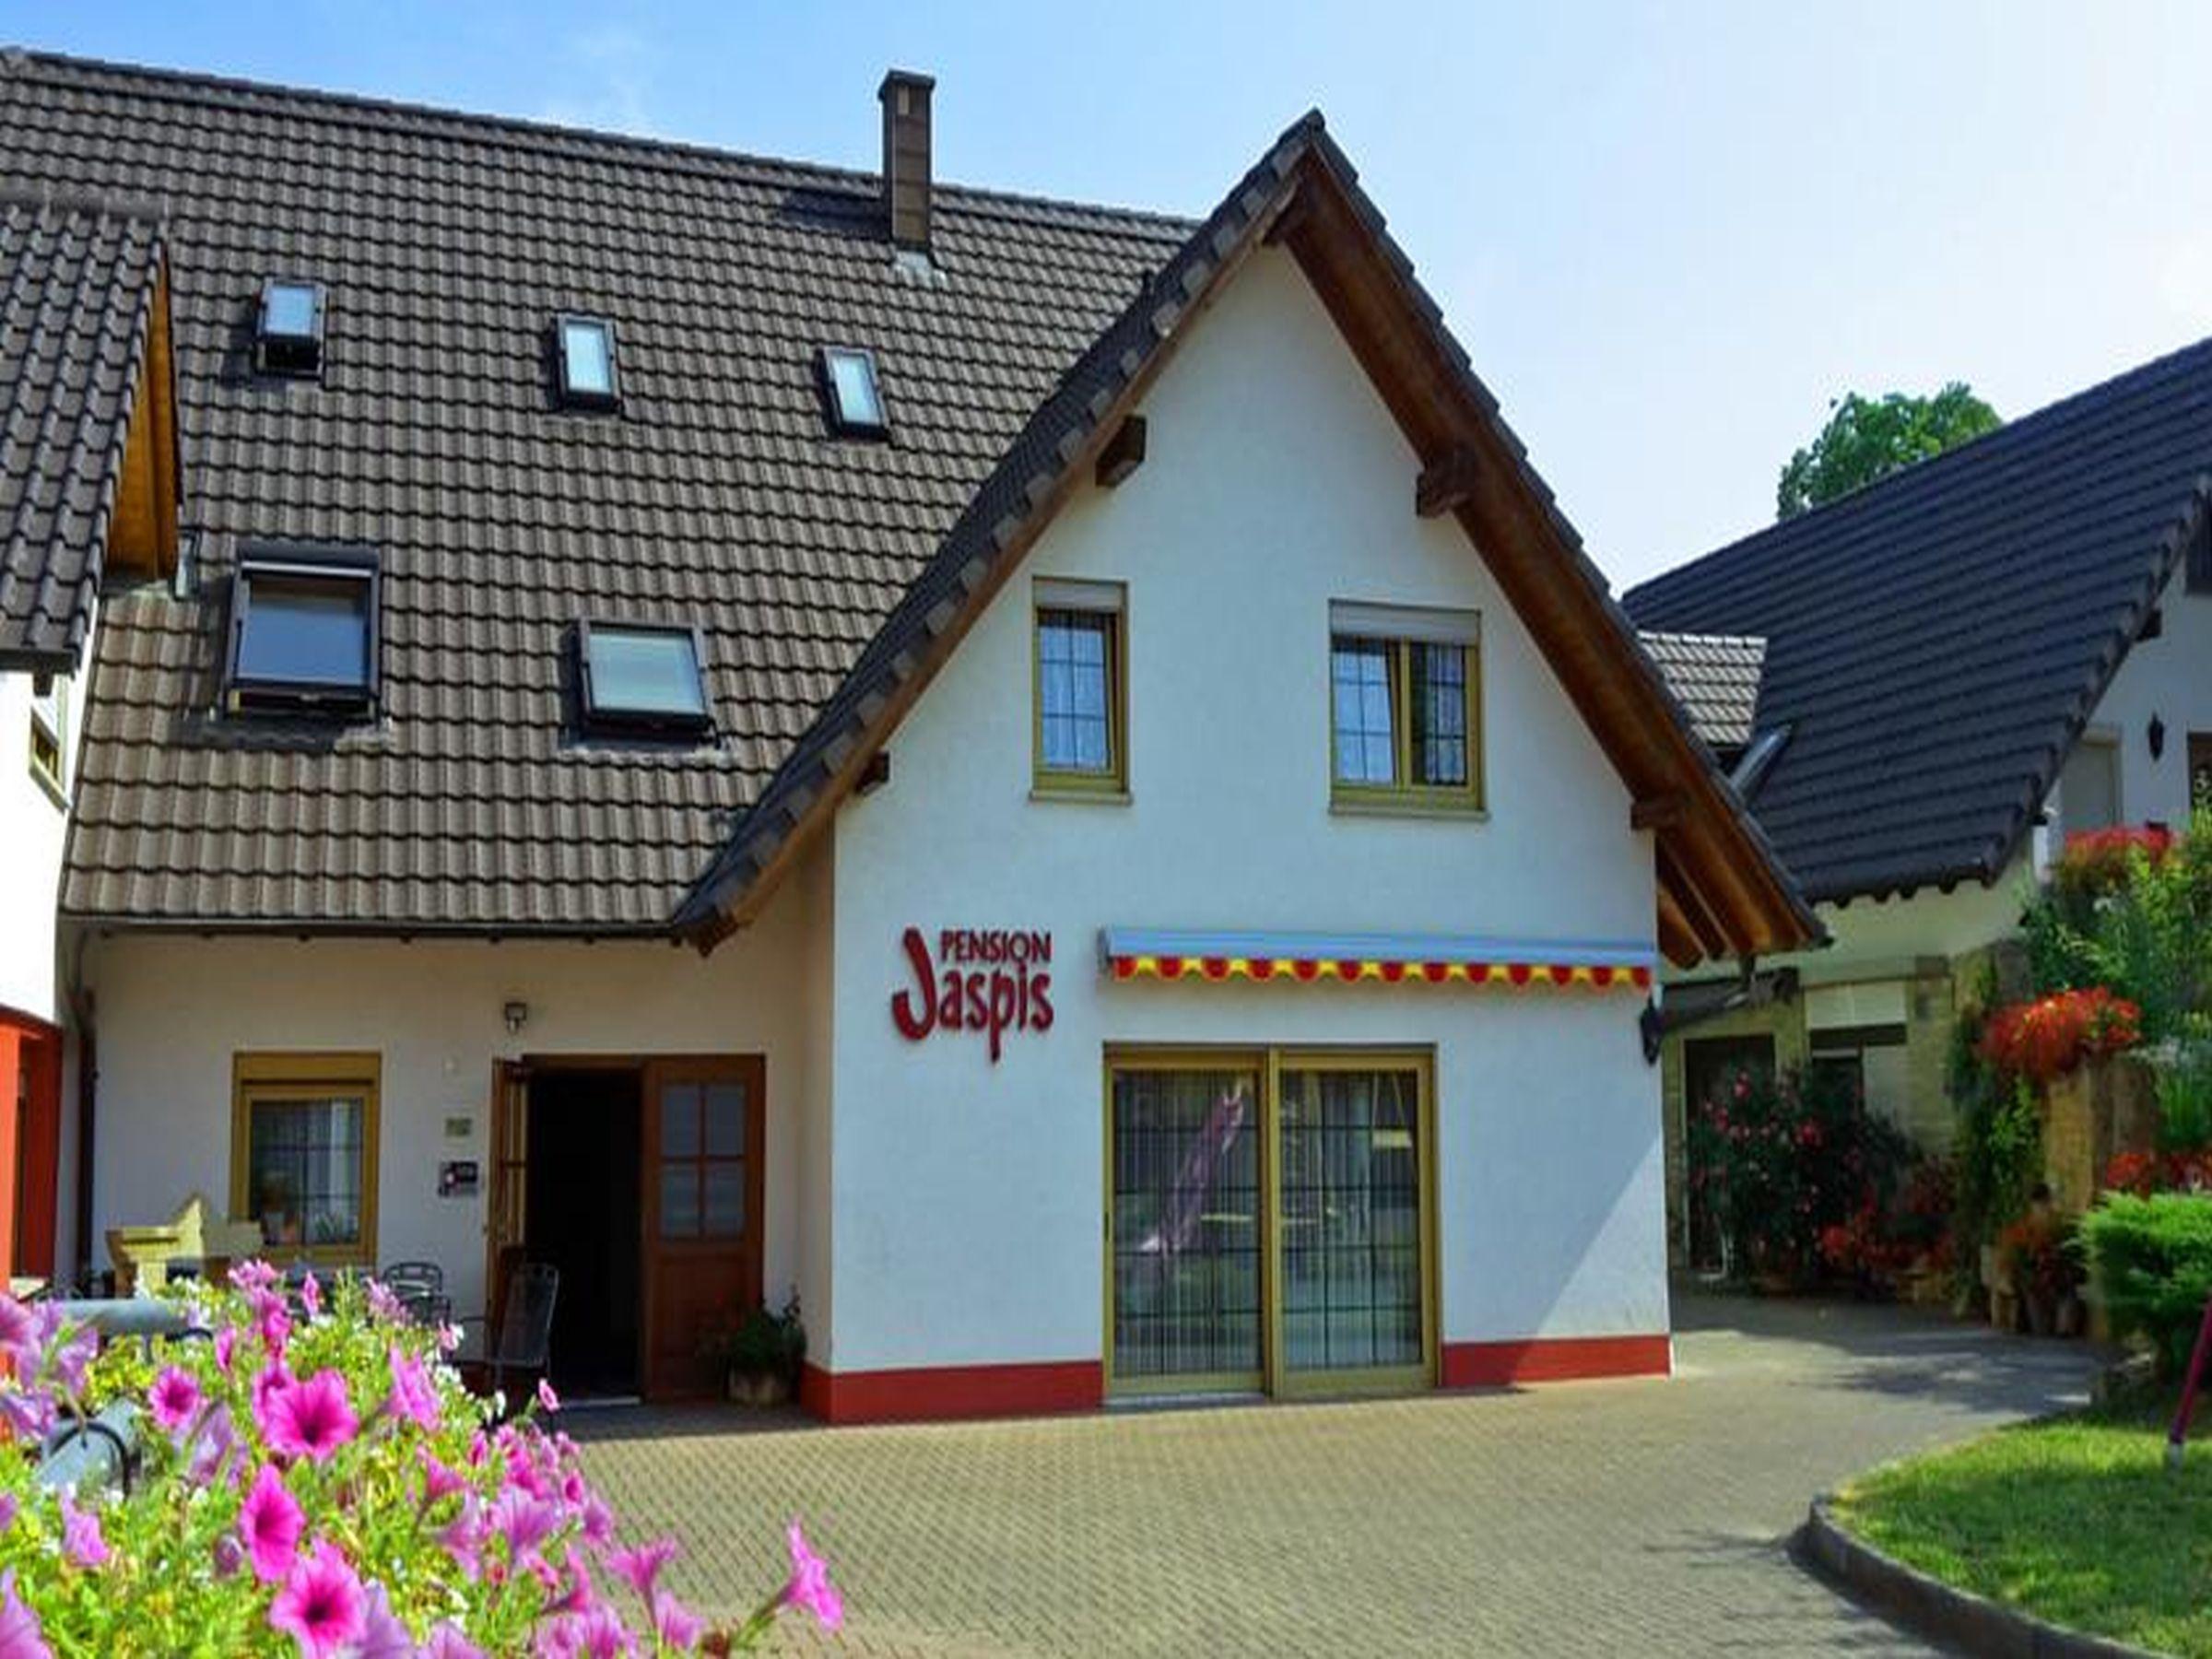 ferienhaus 4 schlafzimmer deutschland – abomaheber